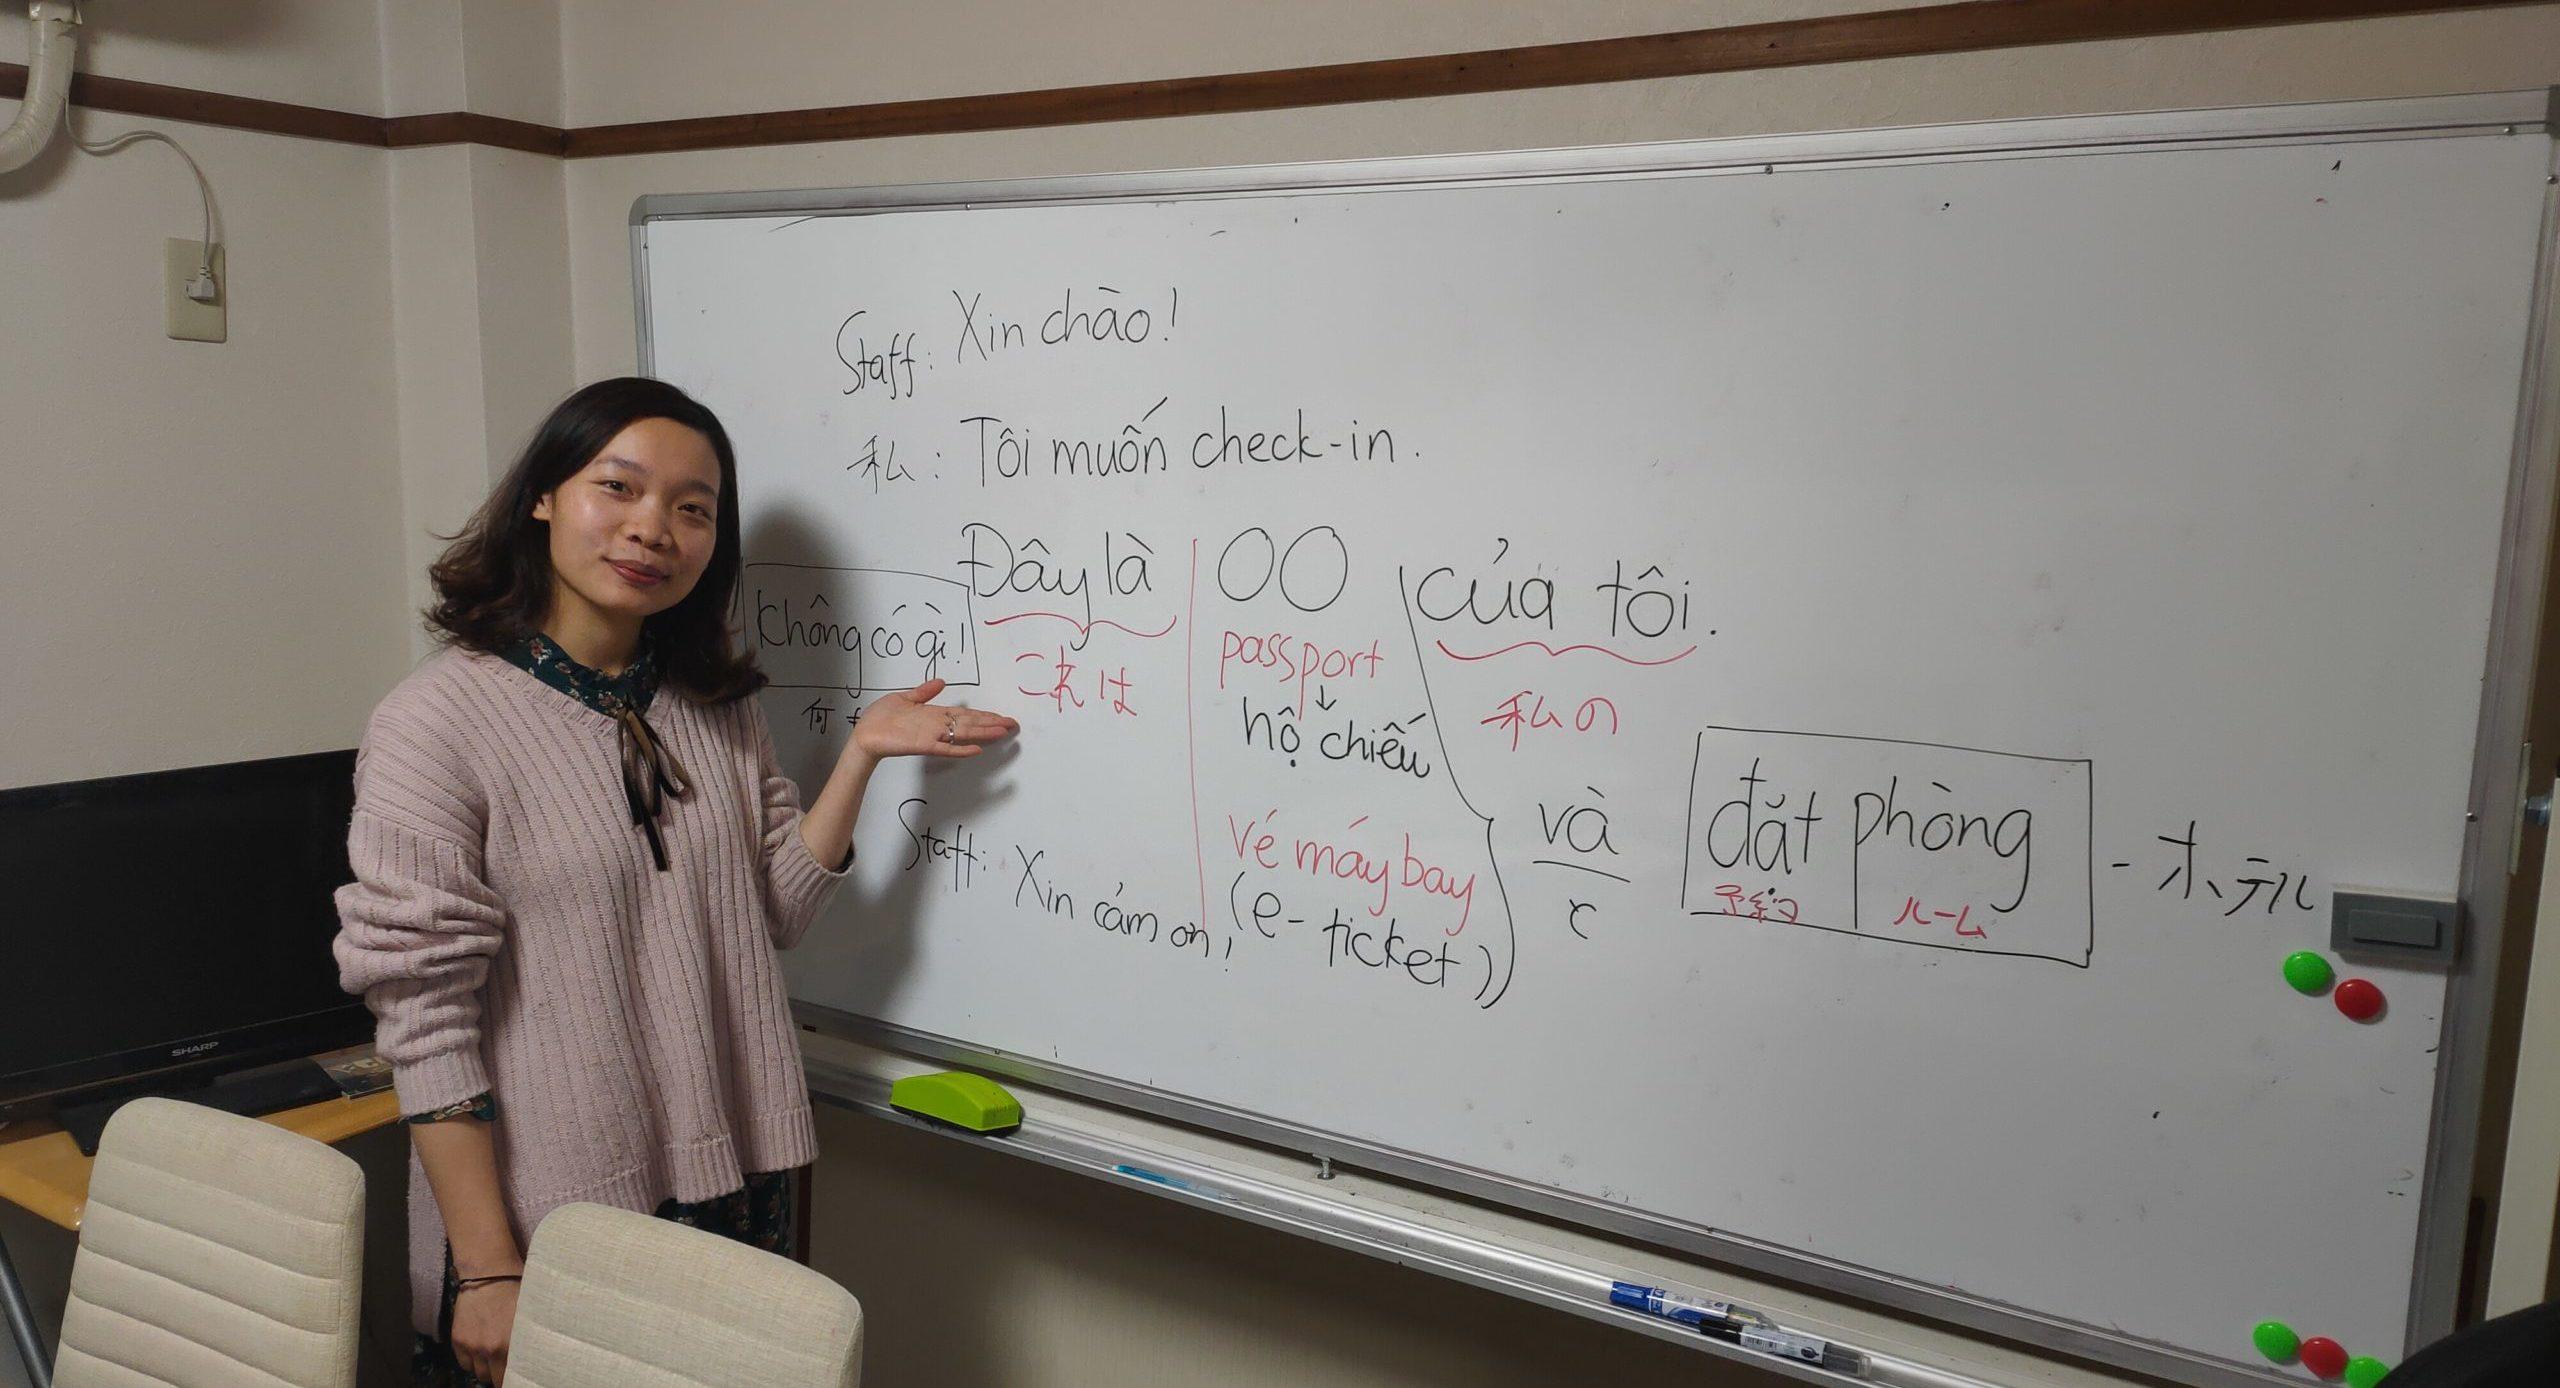 福岡県博多区にあるベトナム語教室に行ってみた・費用や場所など紹介